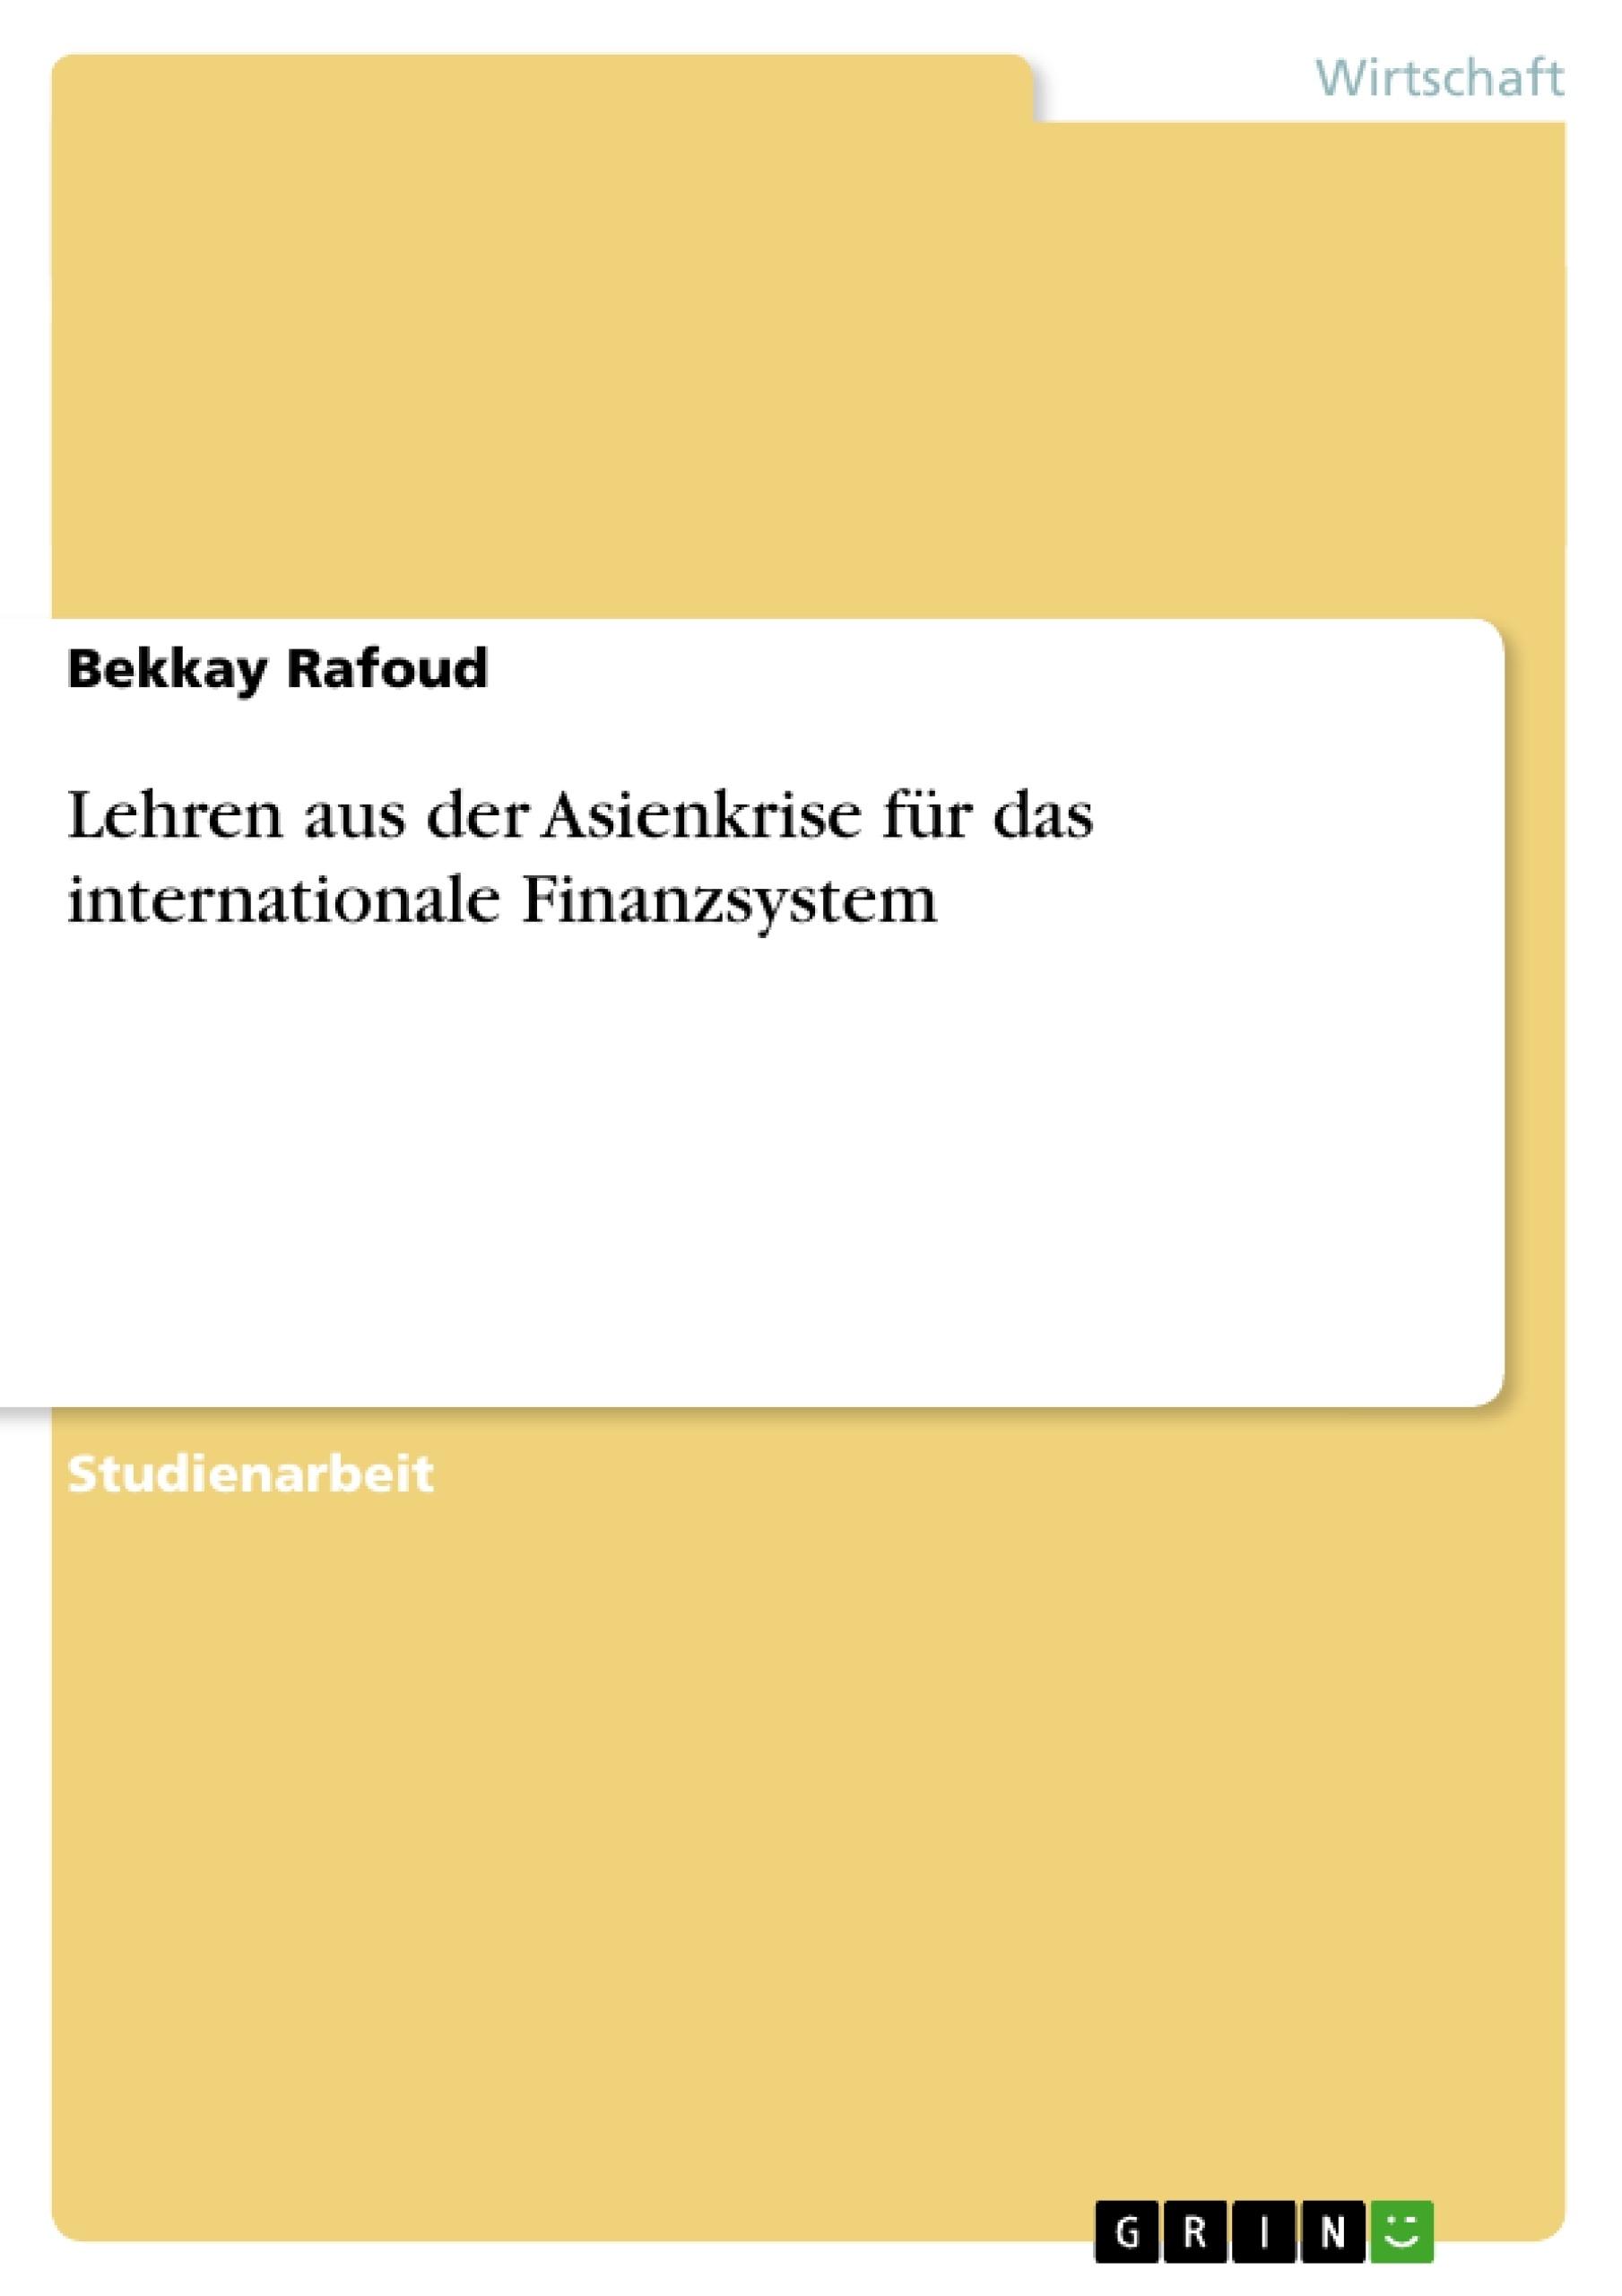 Titel: Lehren aus der Asienkrise für das internationale Finanzsystem